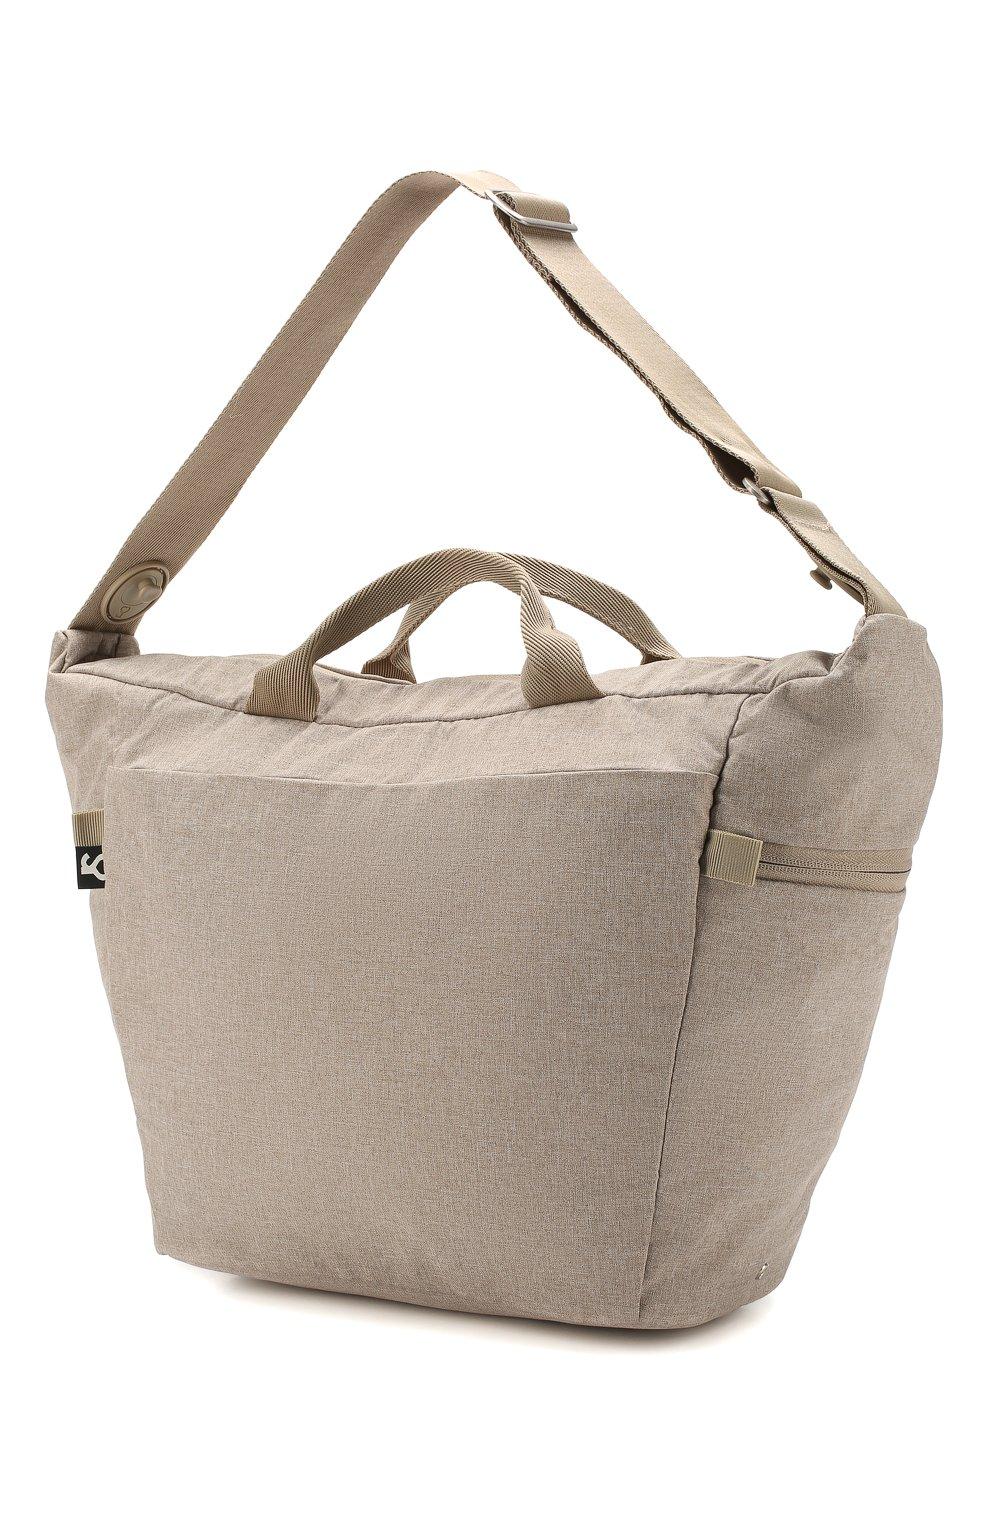 Детская сумка для коляски  doona medium SIMPLE PARENTING бежевого цвета, арт. SP104-99-005-099 | Фото 2 (Статус проверки: Проверена категория)